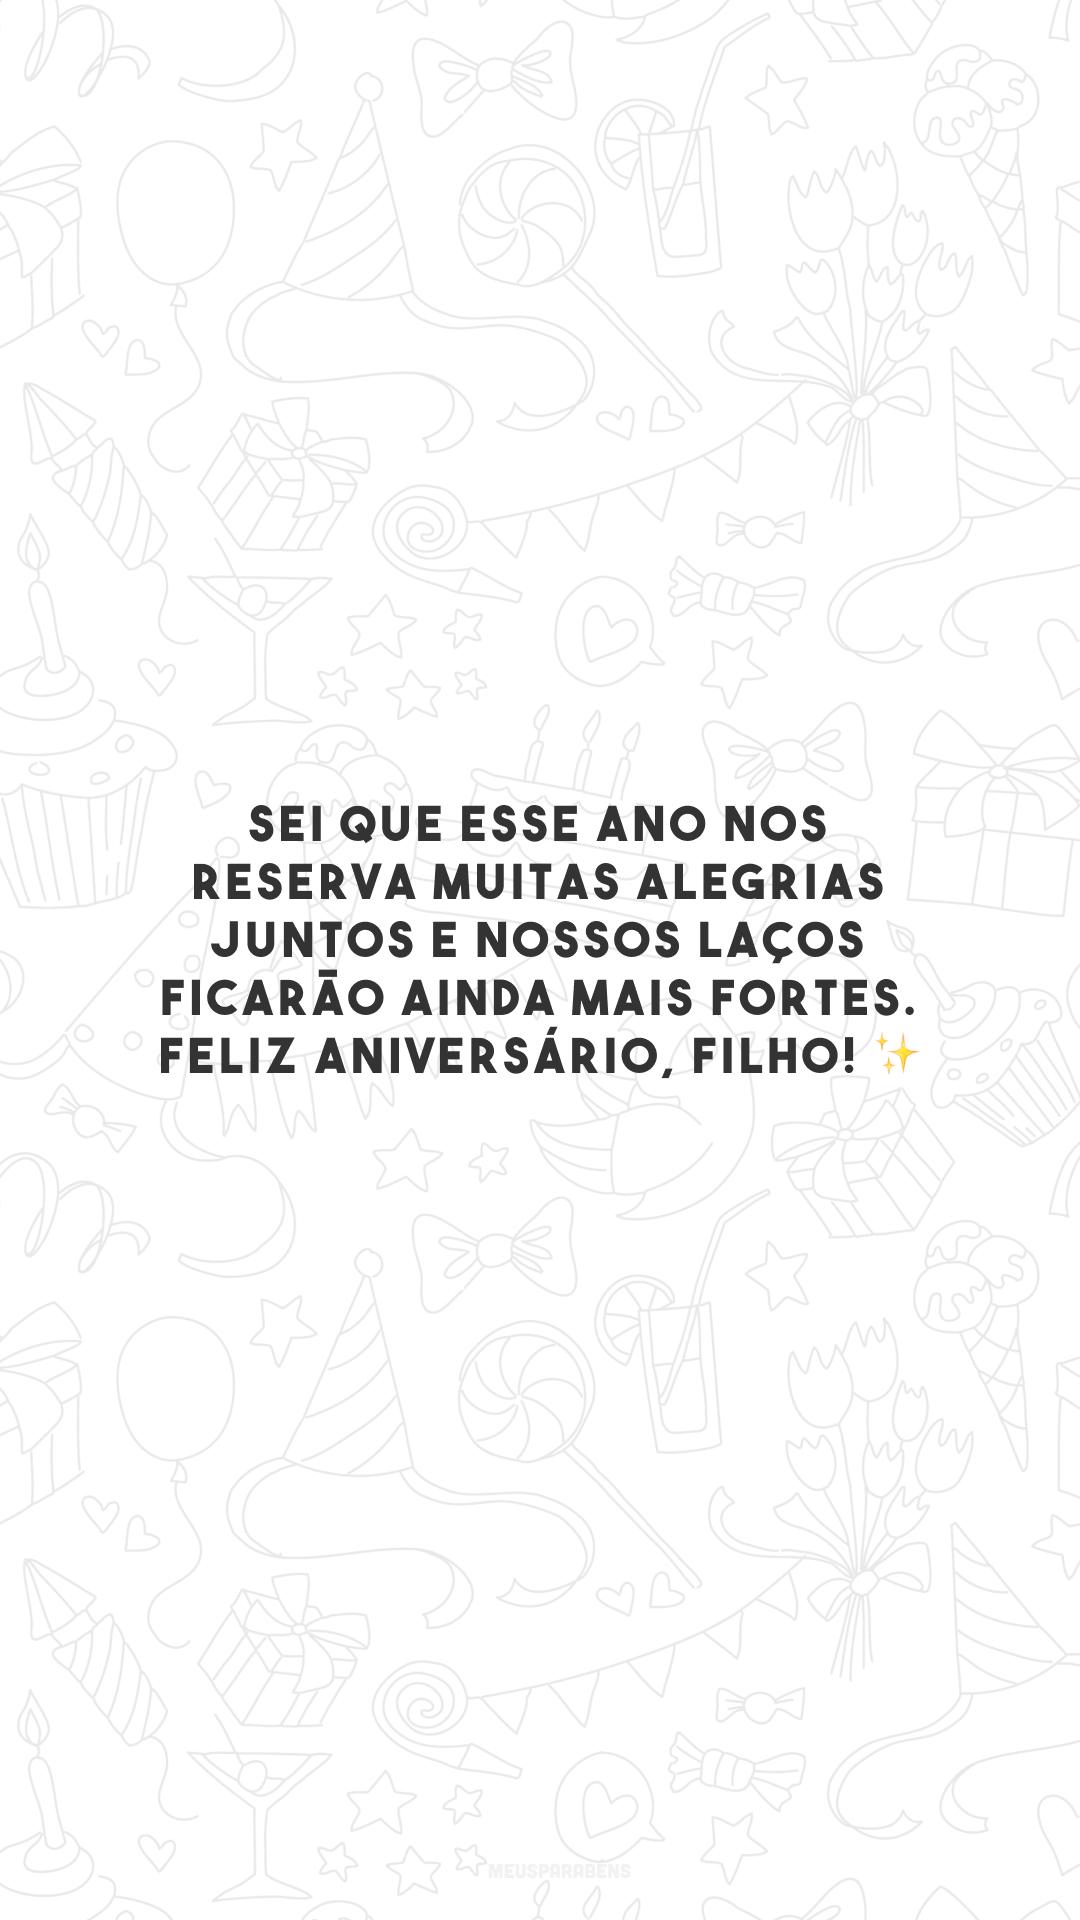 Sei que esse ano nos reserva muitas alegrias juntos e nossos laços ficarão ainda mais fortes. Feliz aniversário, filho! ✨